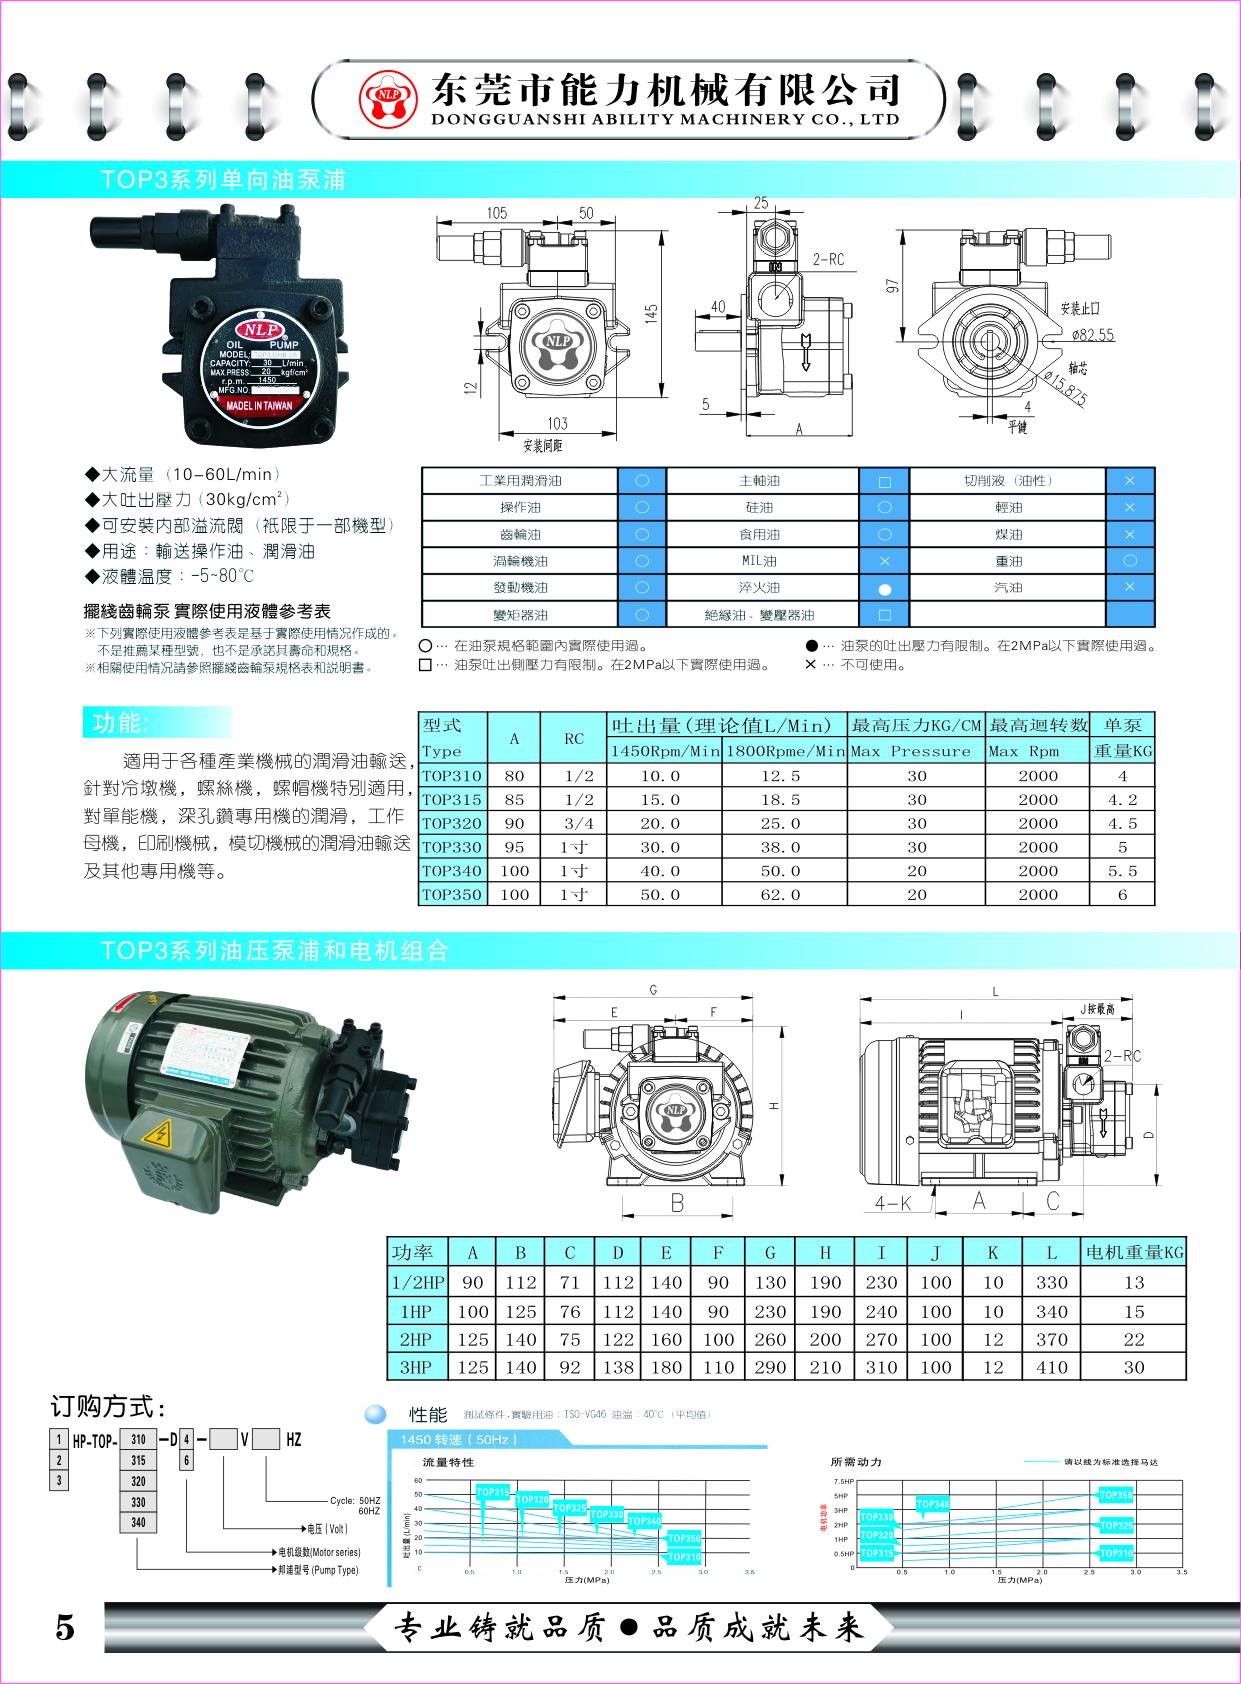 能力机械2019画册-05